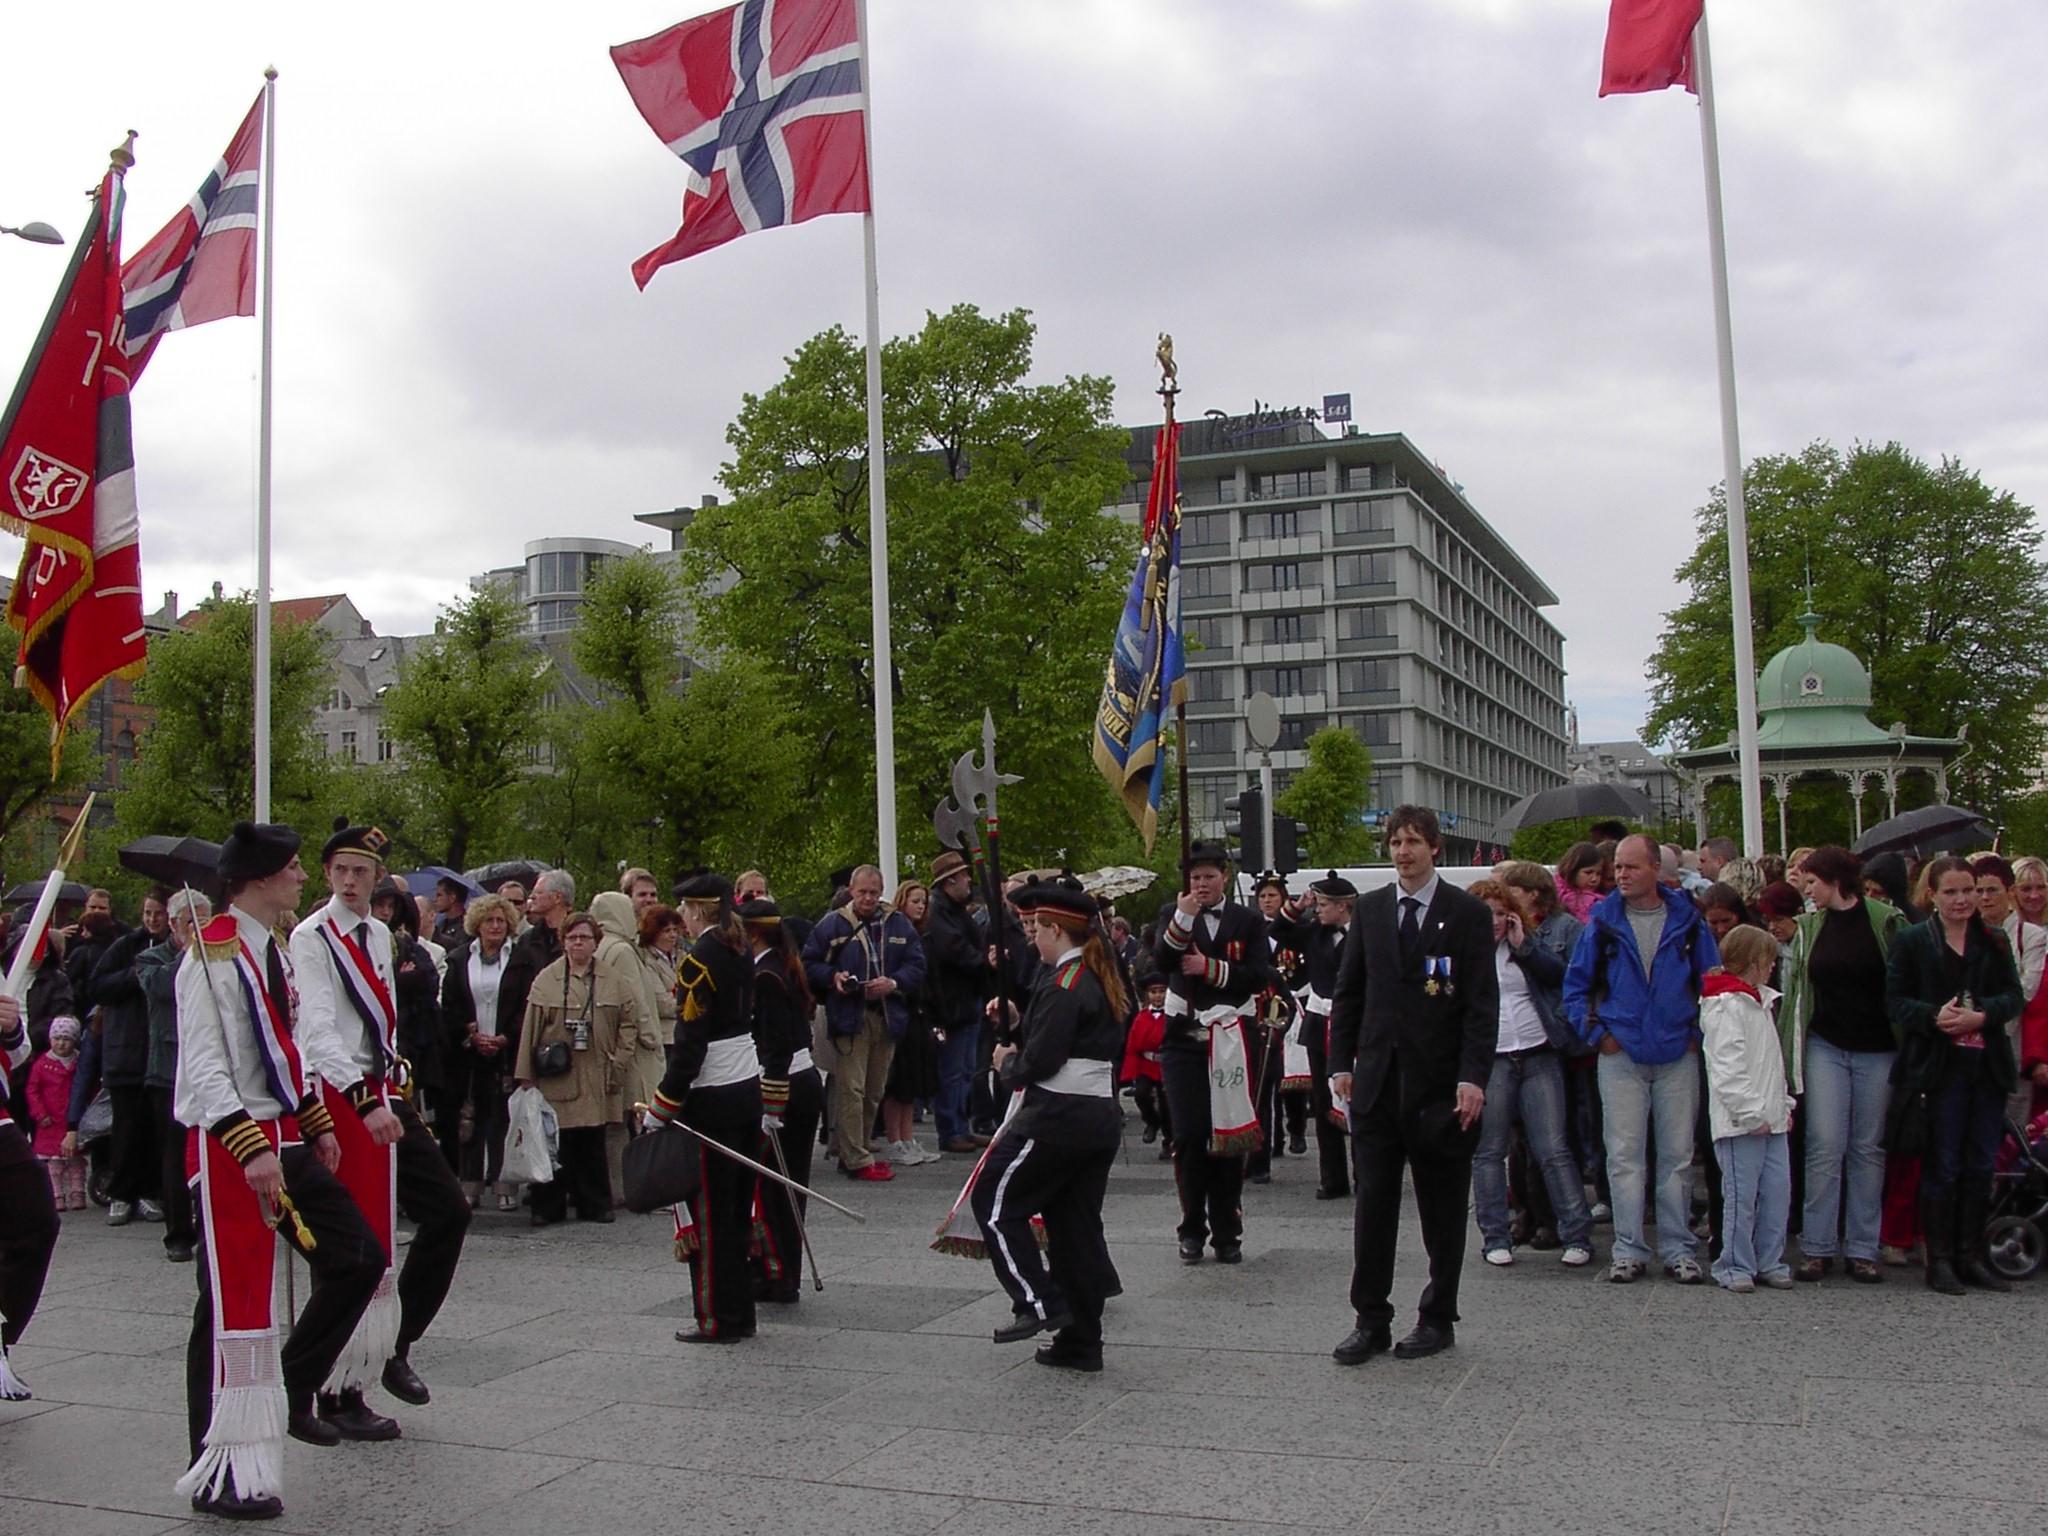 Vågens marsjerer inn på Festplassen